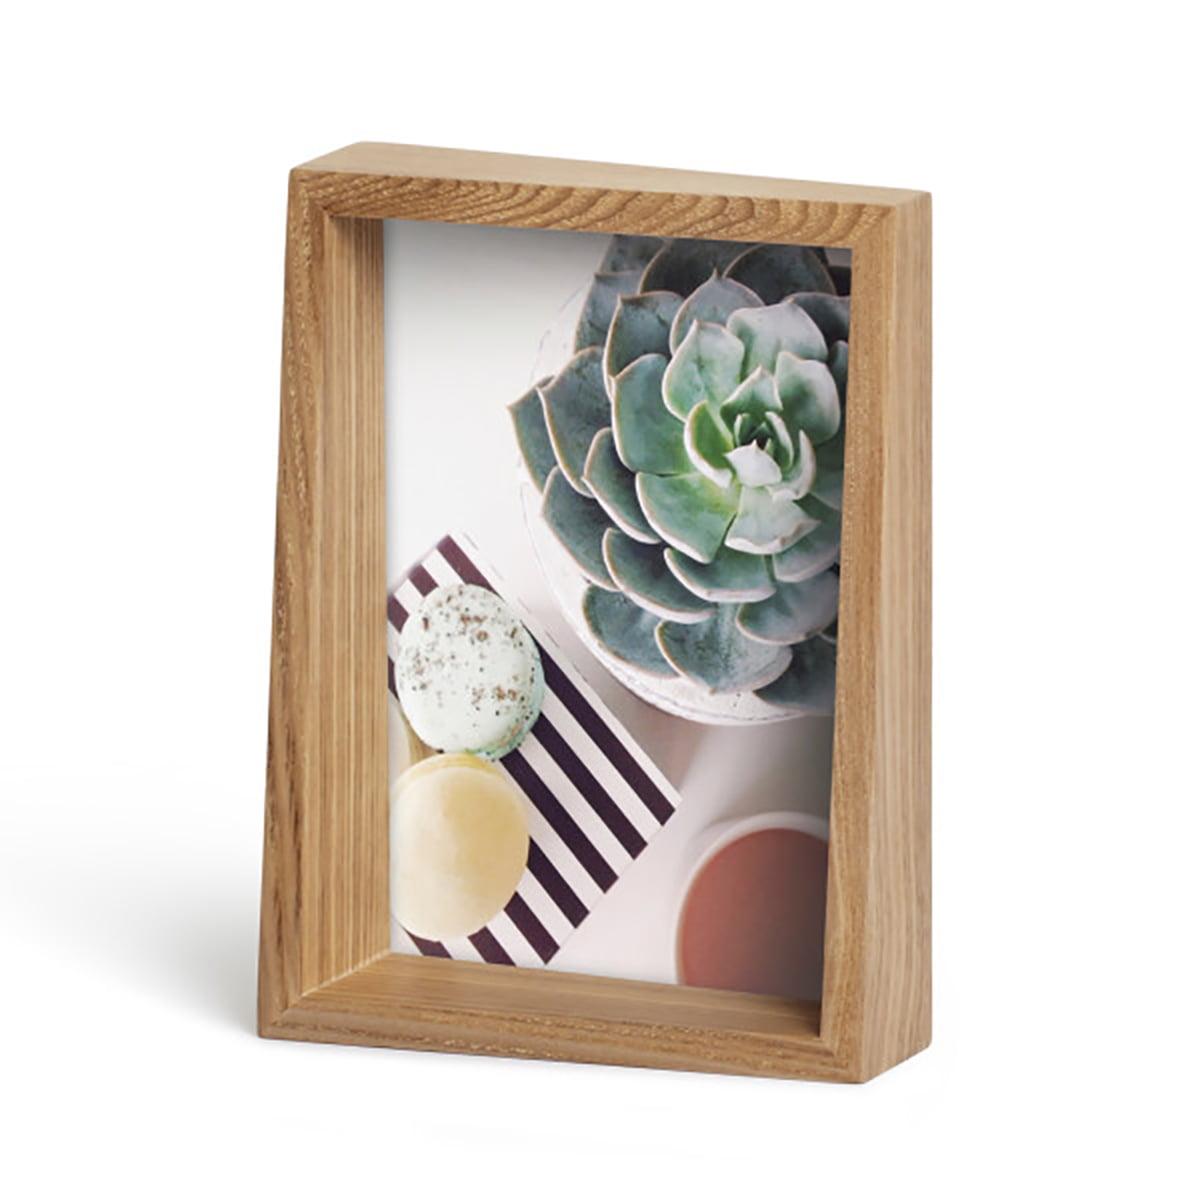 Umbra - Edge Bilderrahmen 13 x 18 cm, Esche   Dekoration > Bilder und Rahmen > Rahmen   Esche natur   Umbra